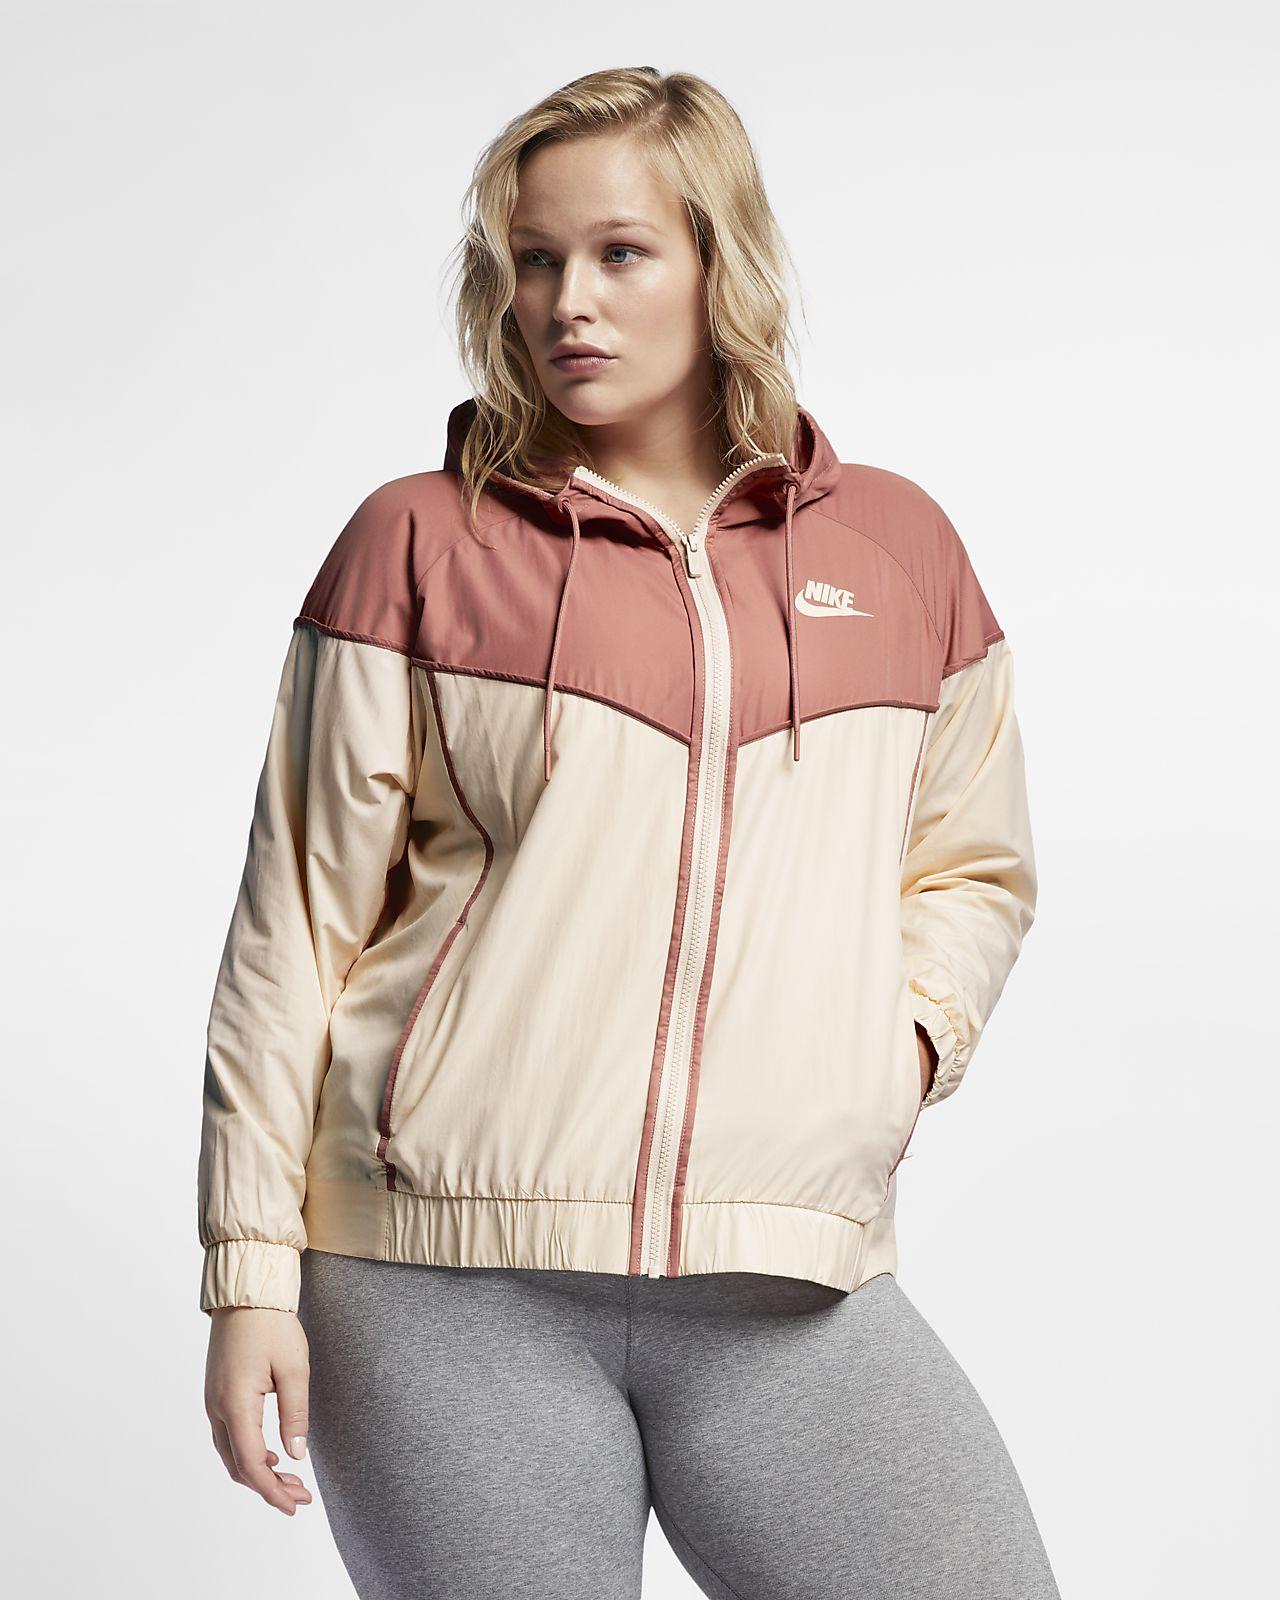 8d74310188cdf Nike Sportswear Windrunner (Plus Size) Women s Jacket. Nike.com CA